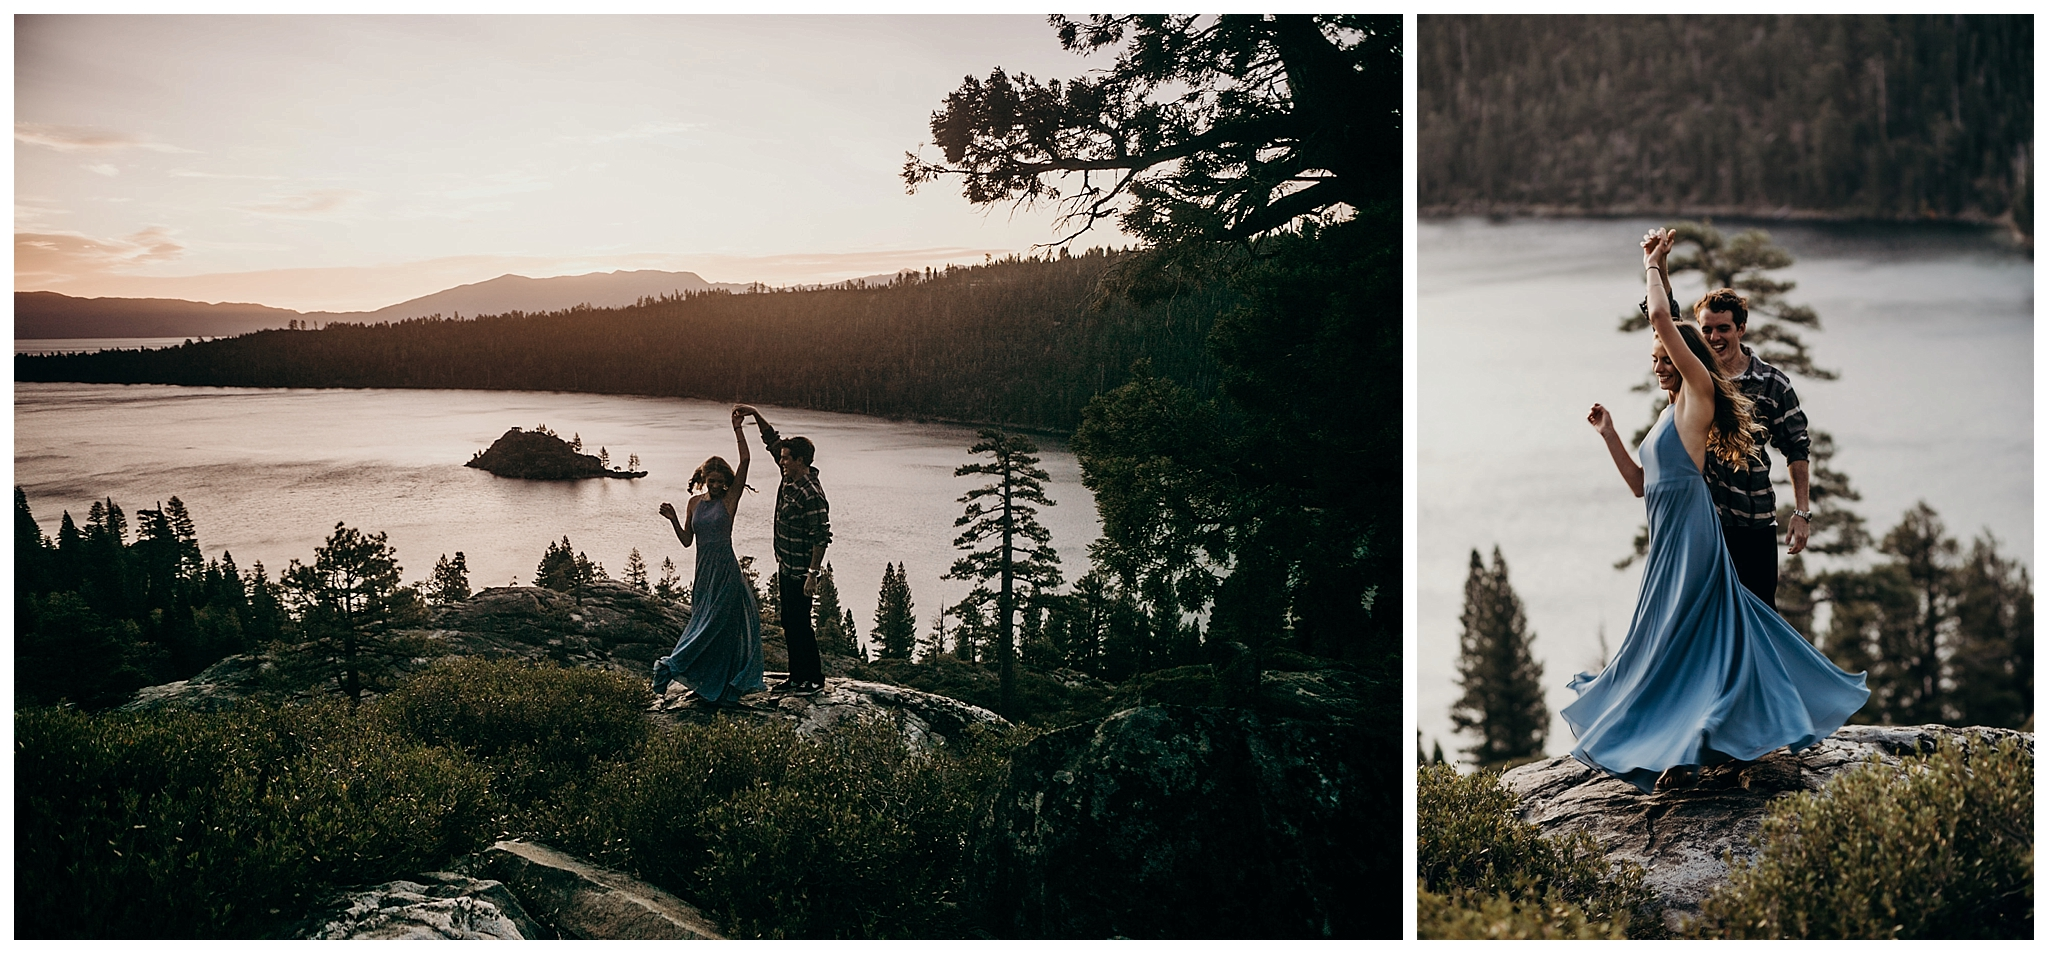 lake tahoe lifestyle photography - lake tahoe engagement photographer - lake tahoe elopement photographer - lake tahoe photographer - south lake tahoe photography-5.jpg